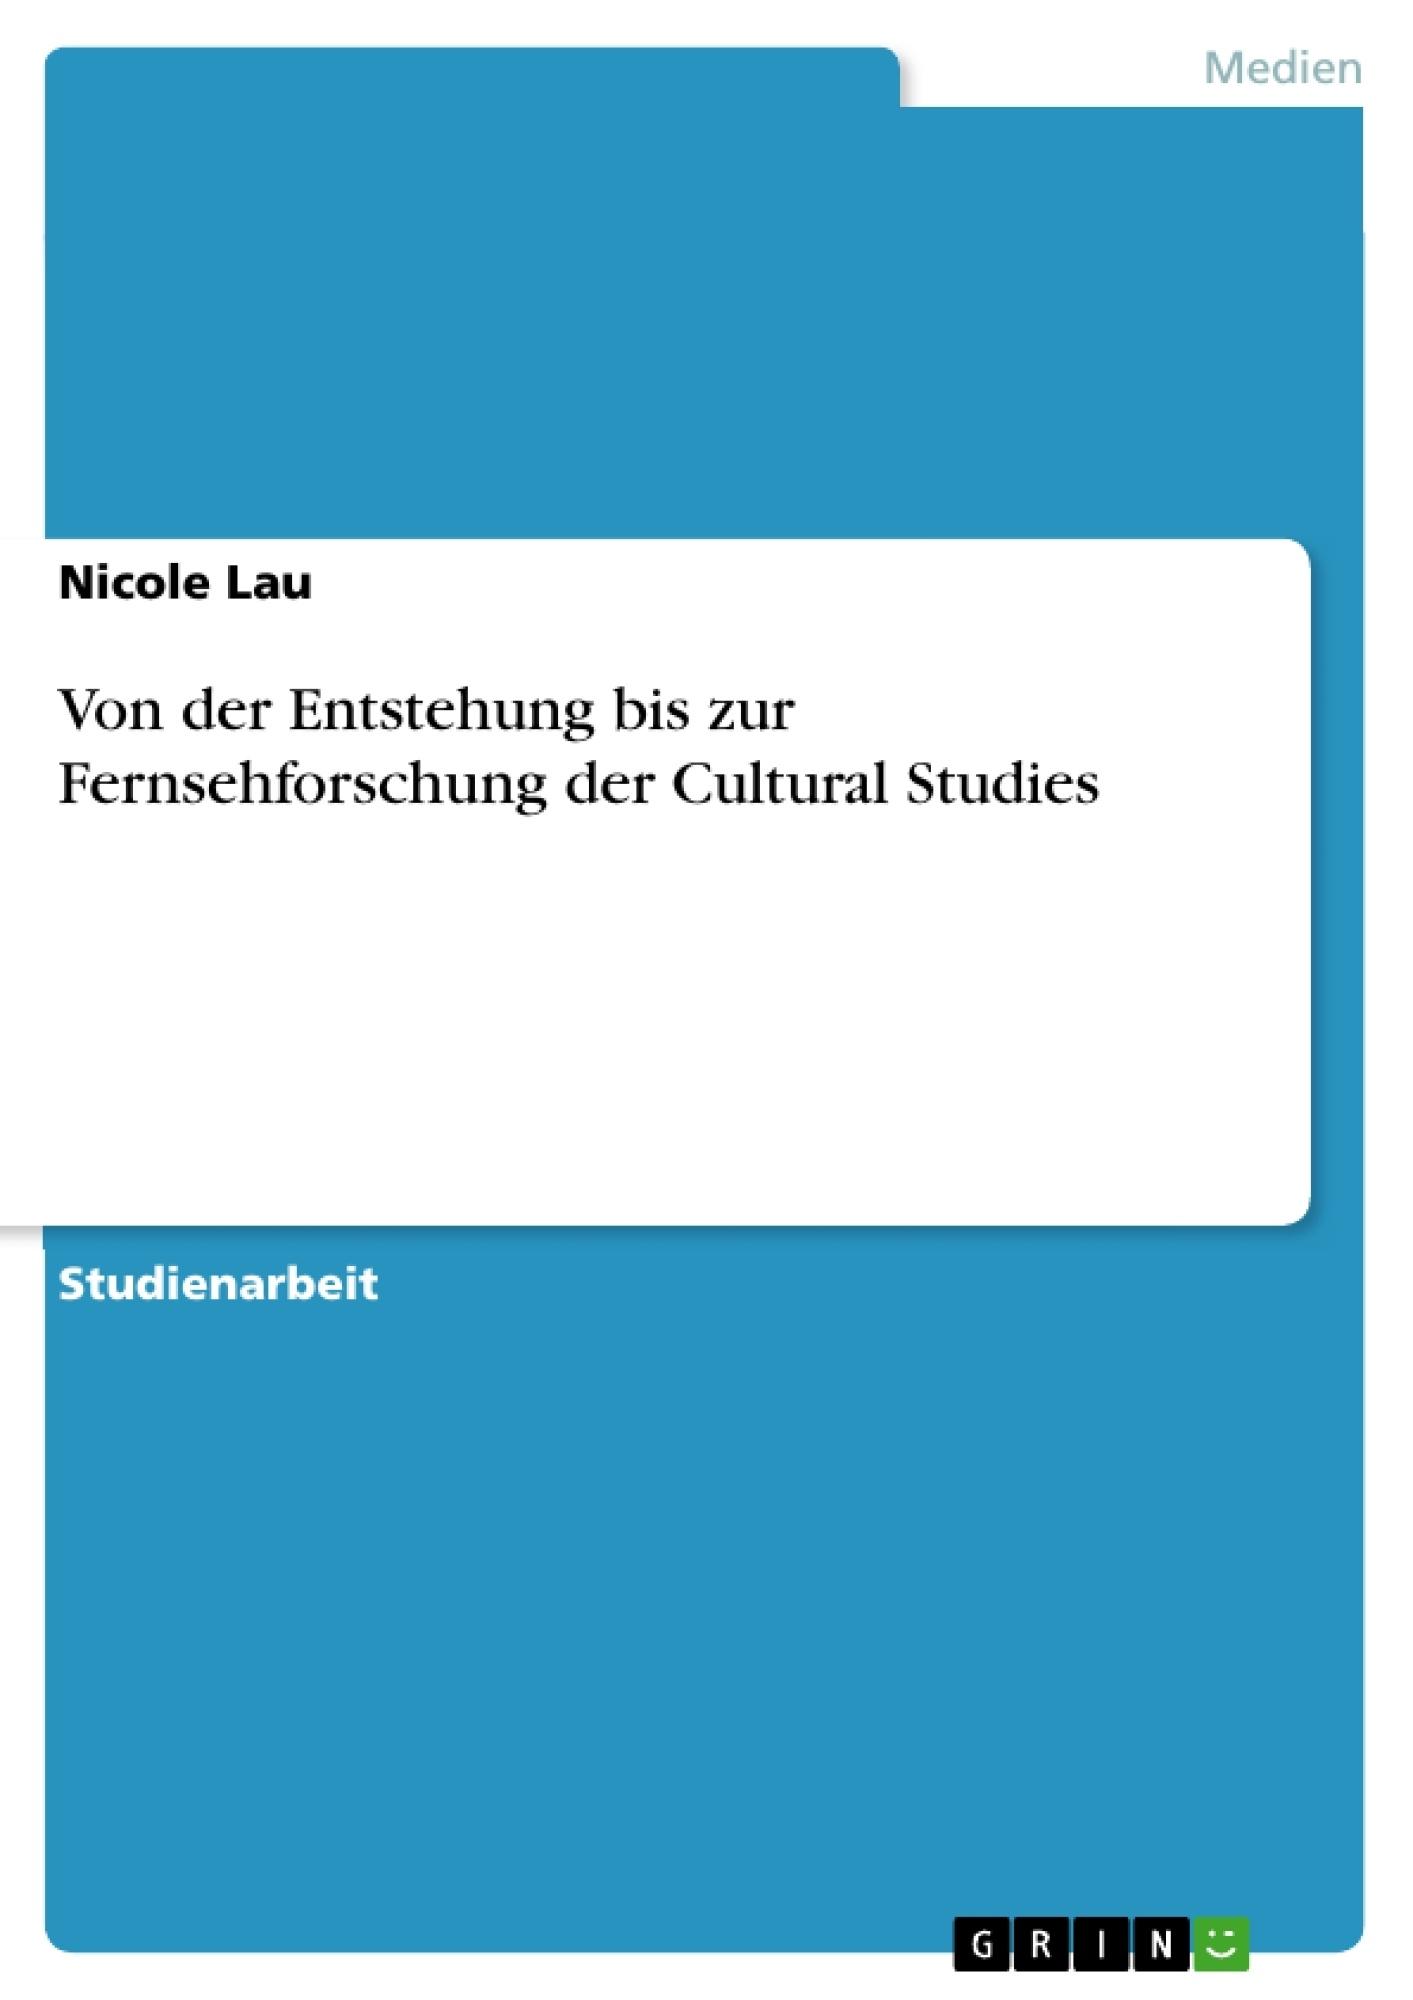 Titel: Von der Entstehung bis zur Fernsehforschung der Cultural Studies